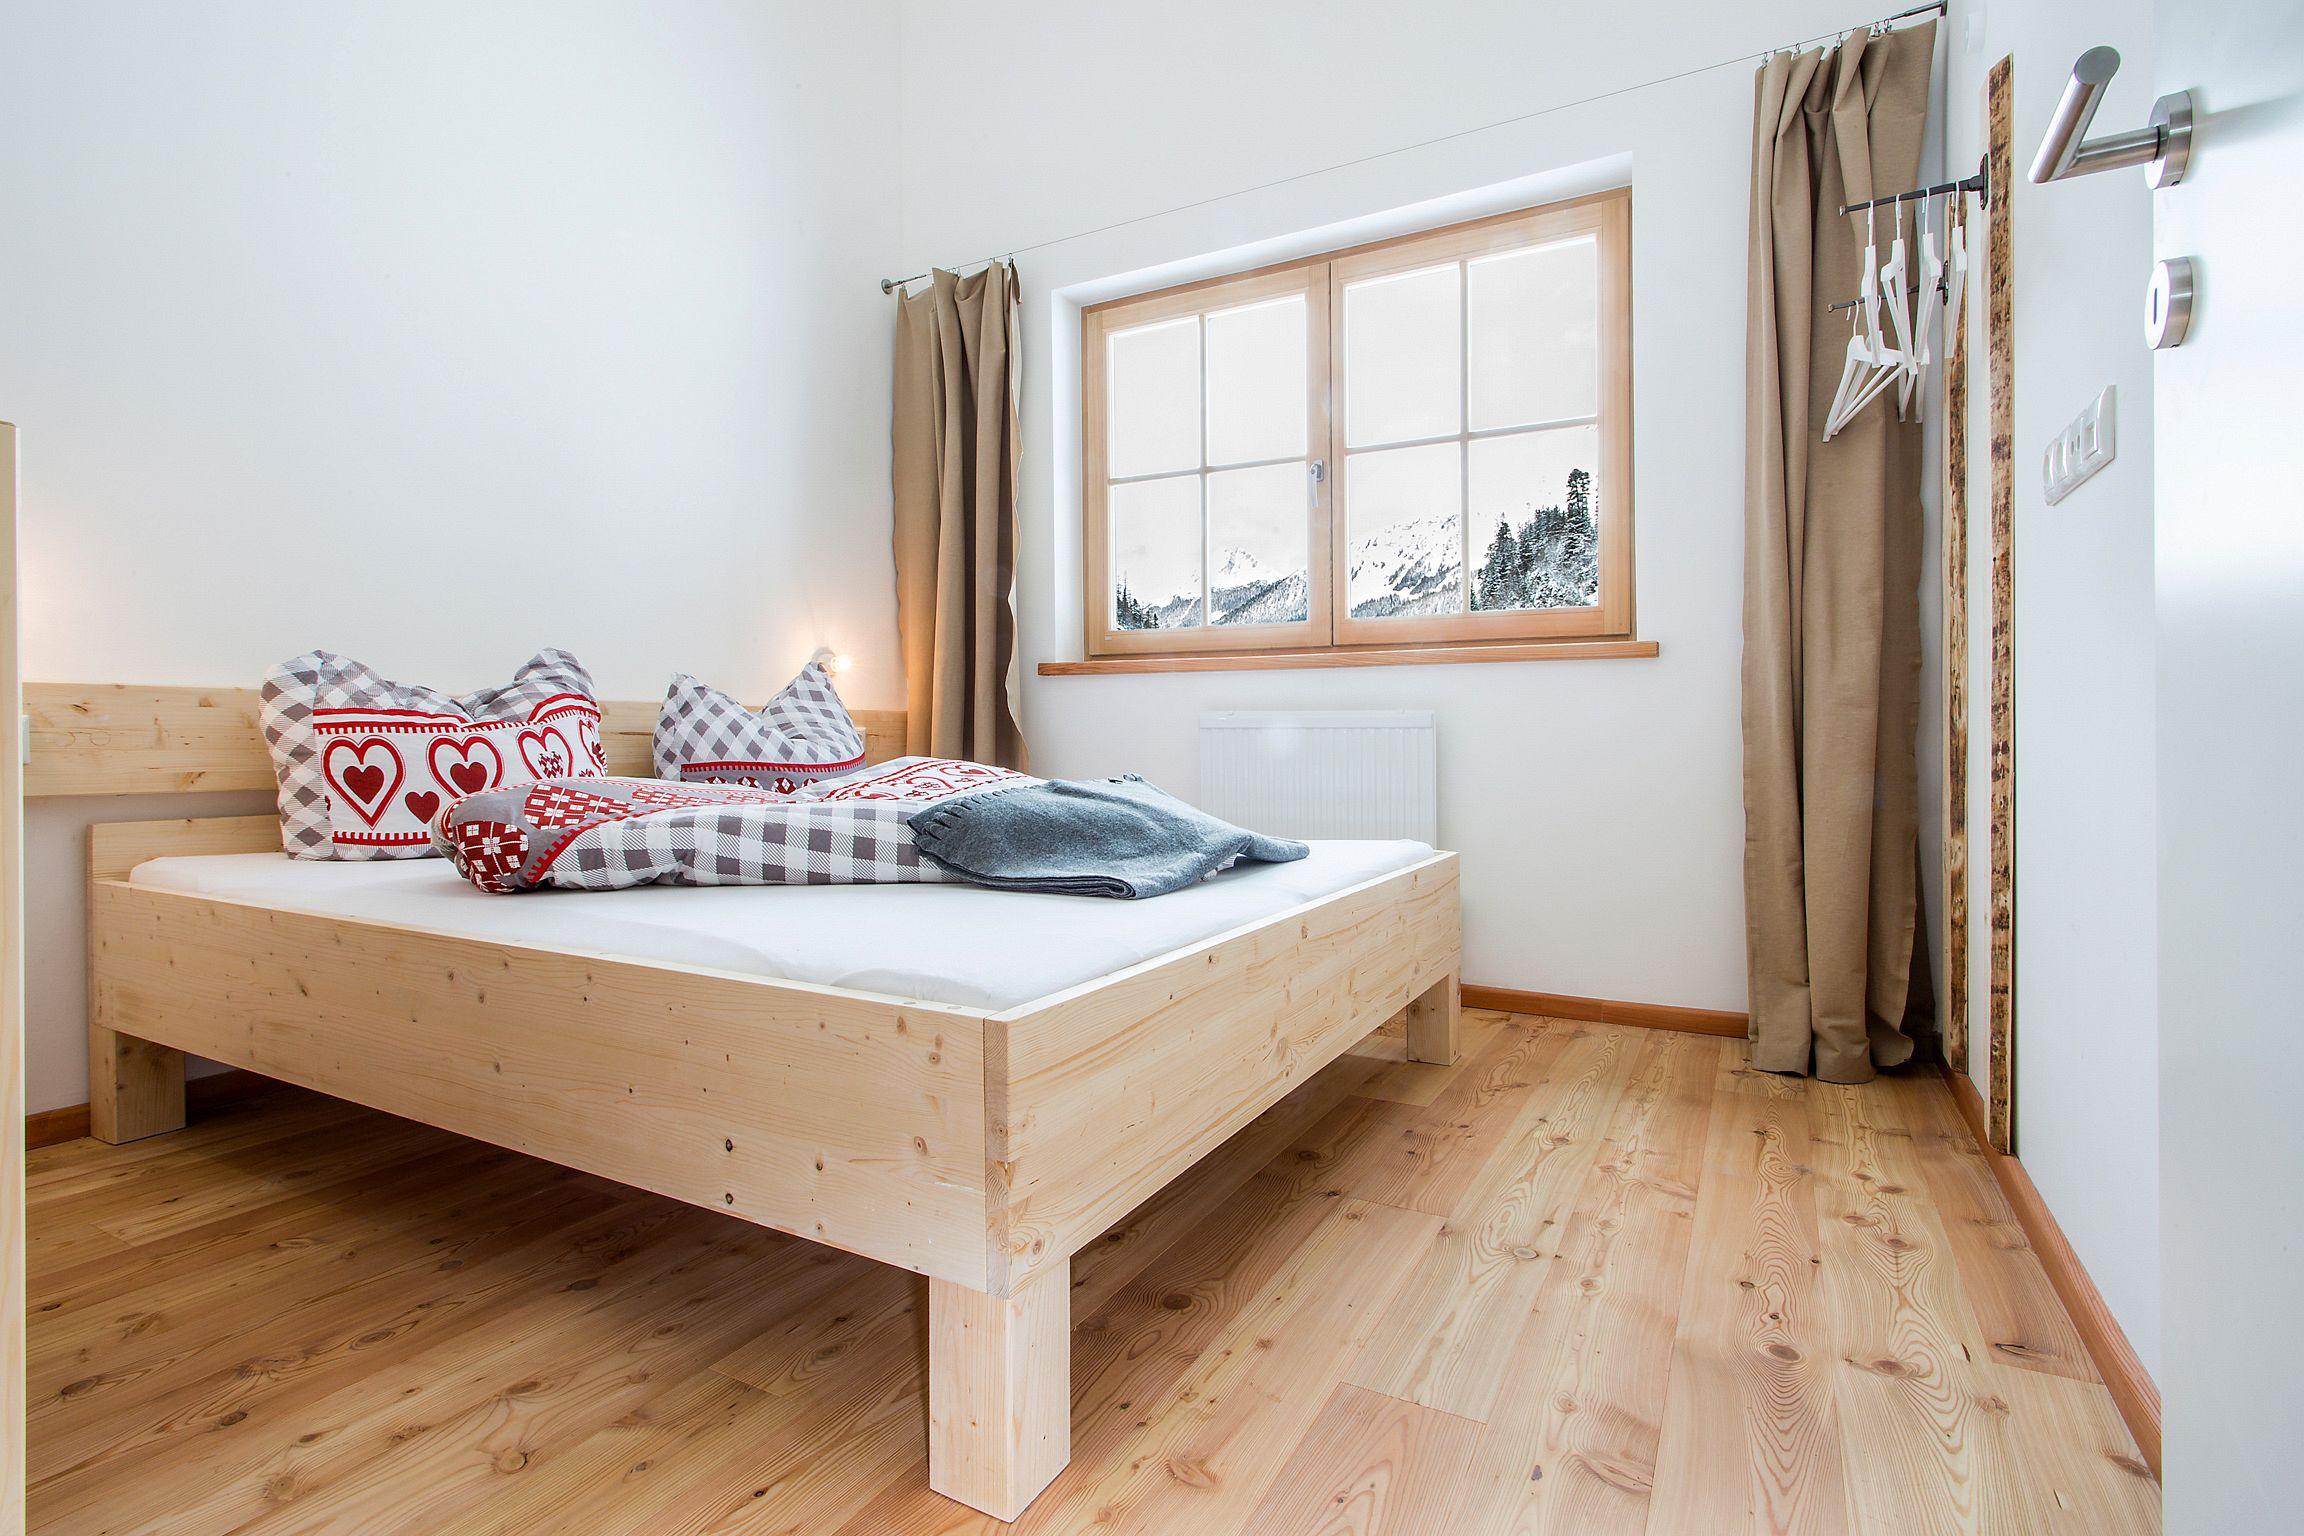 Maison de vacances Lodge Wildrose, direkt am Skilift für 6-8 (2050392), Uttendorf, Pinzgau, Salzbourg, Autriche, image 33